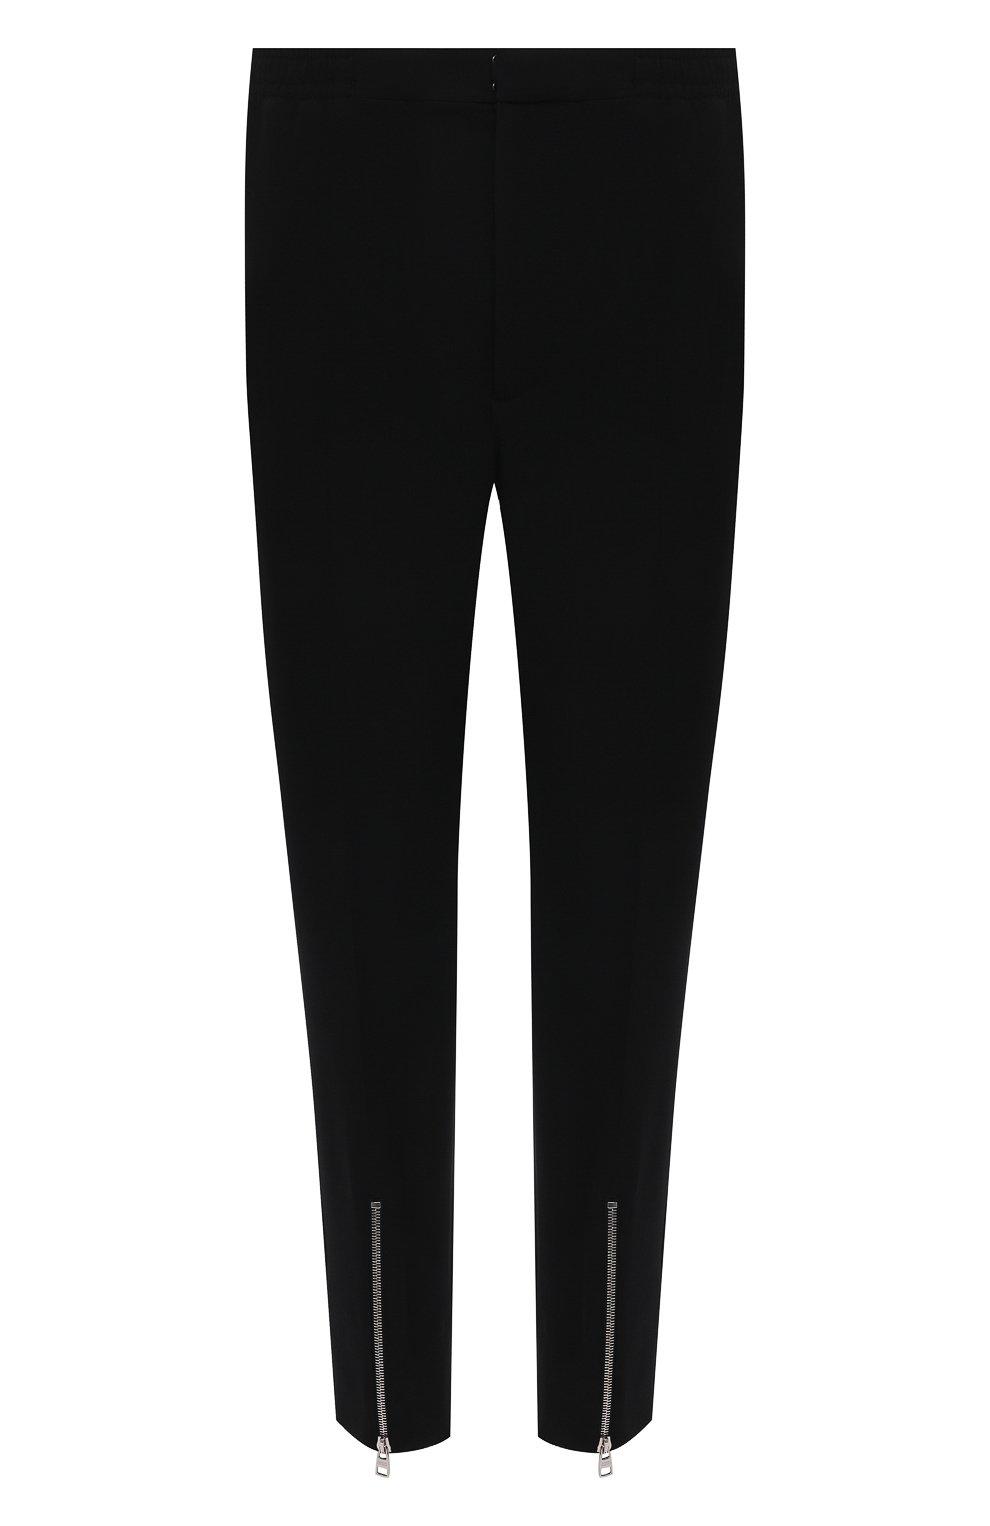 Мужские брюки из вискозы ALEXANDER MCQUEEN черного цвета, арт. 619171/QQR38   Фото 1 (Длина (брюки, джинсы): Стандартные; Случай: Повседневный; Стили: Панк; Материал внешний: Вискоза)